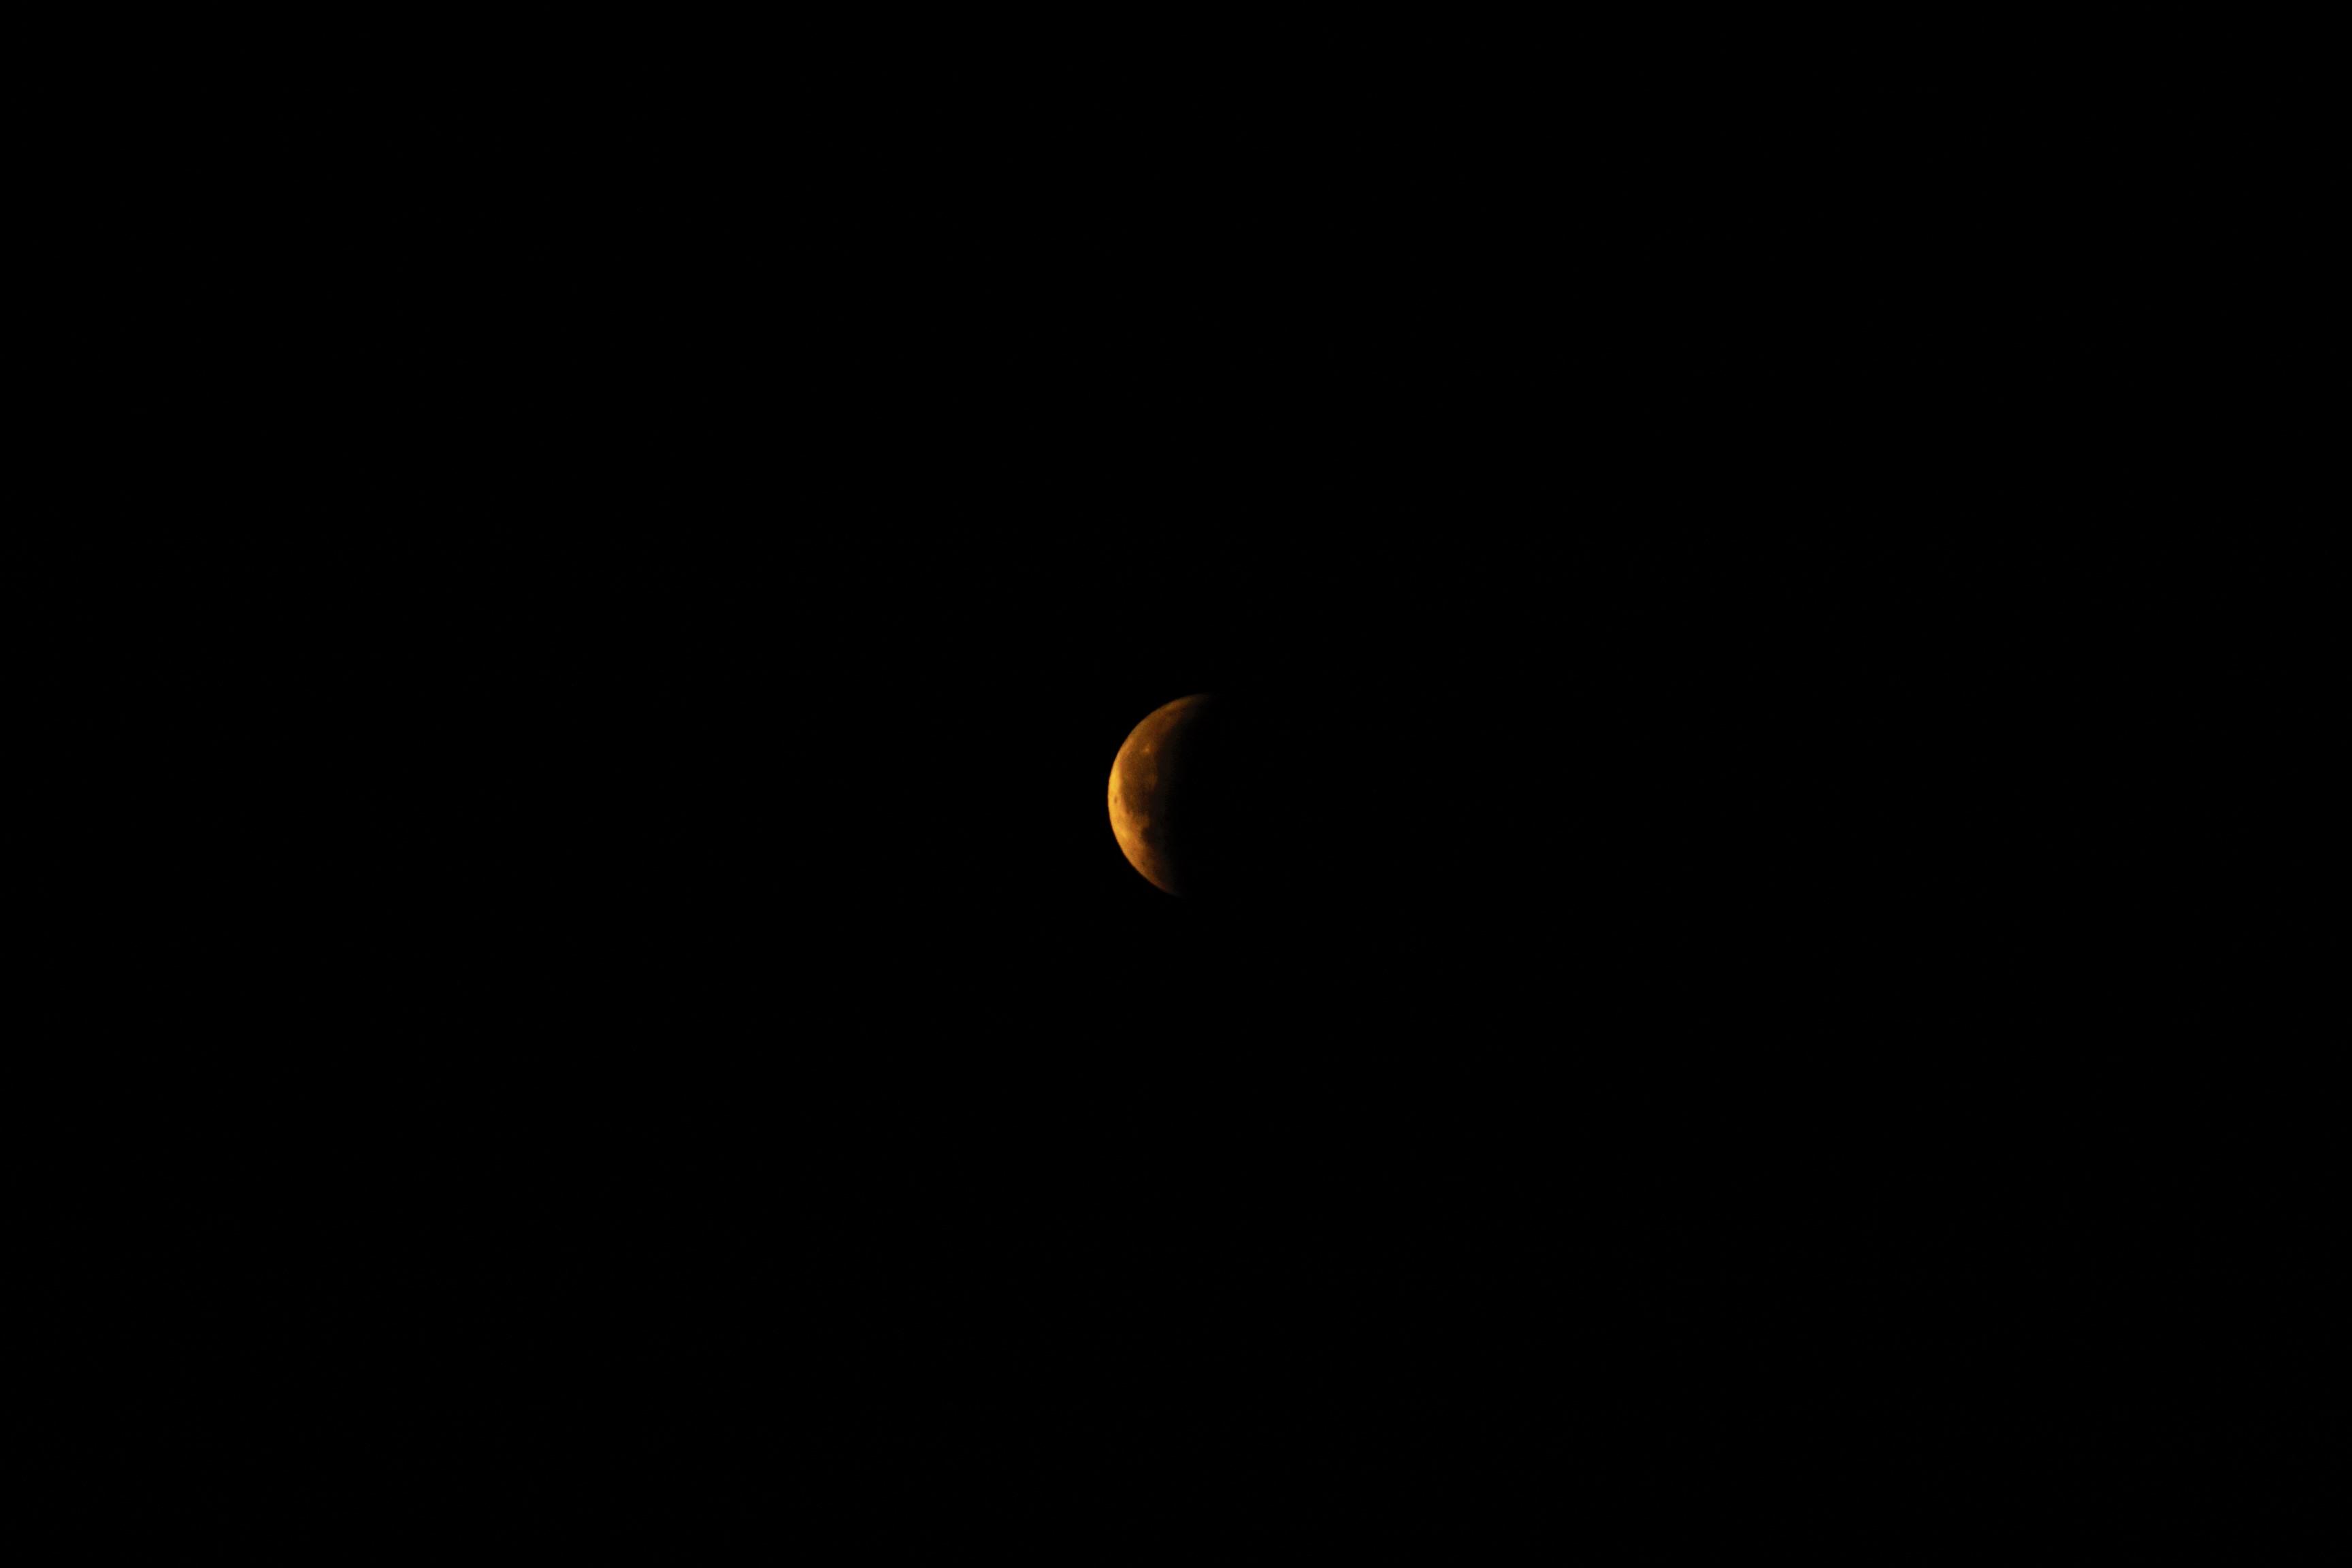 Кровавий Місяць на швидкоруч